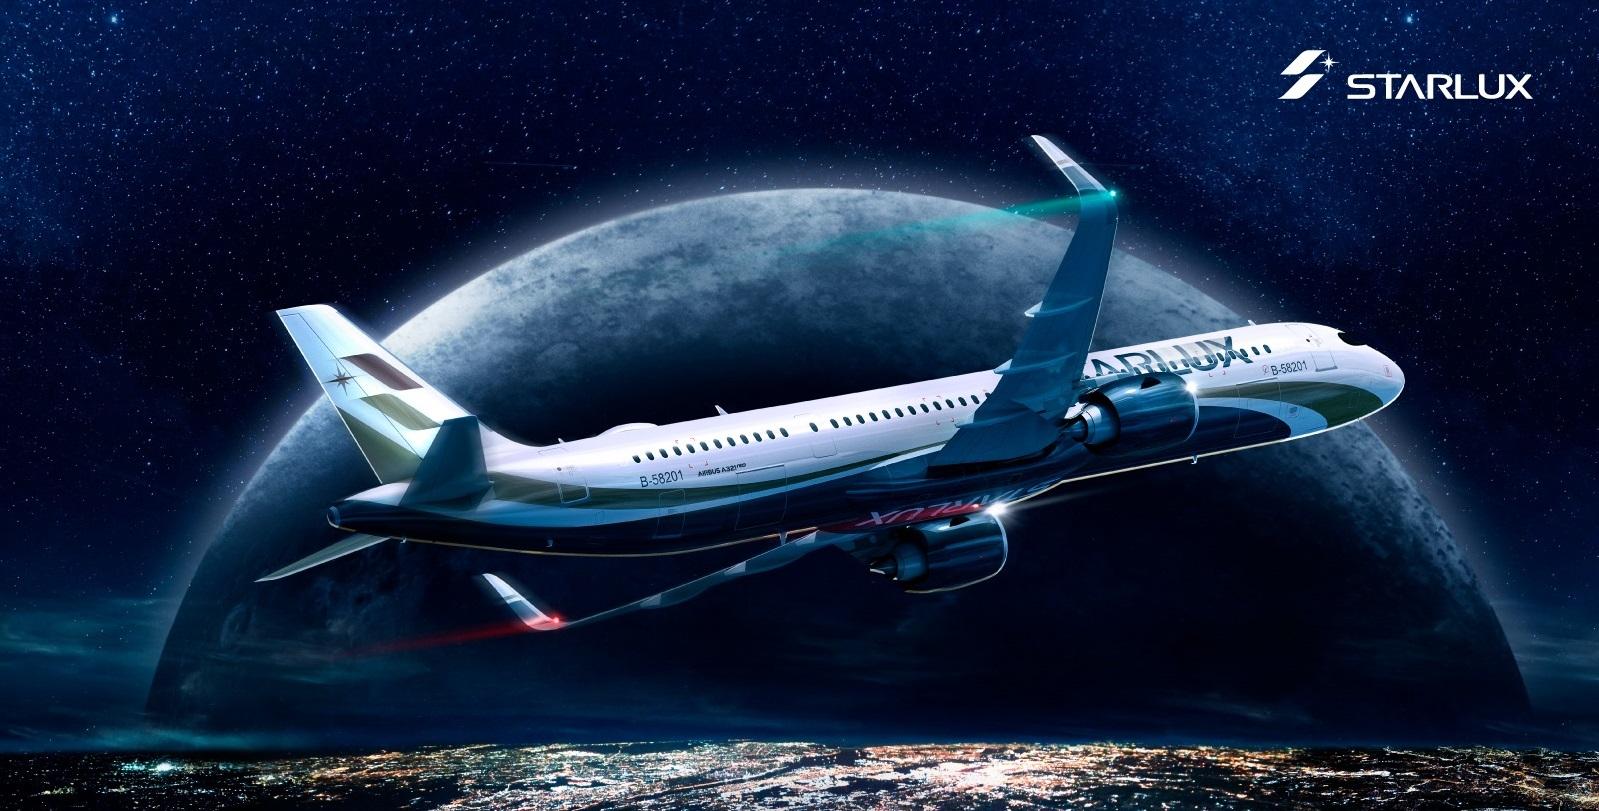 星宇機票明早11點開賣!3大航點航班、購票重點一次看